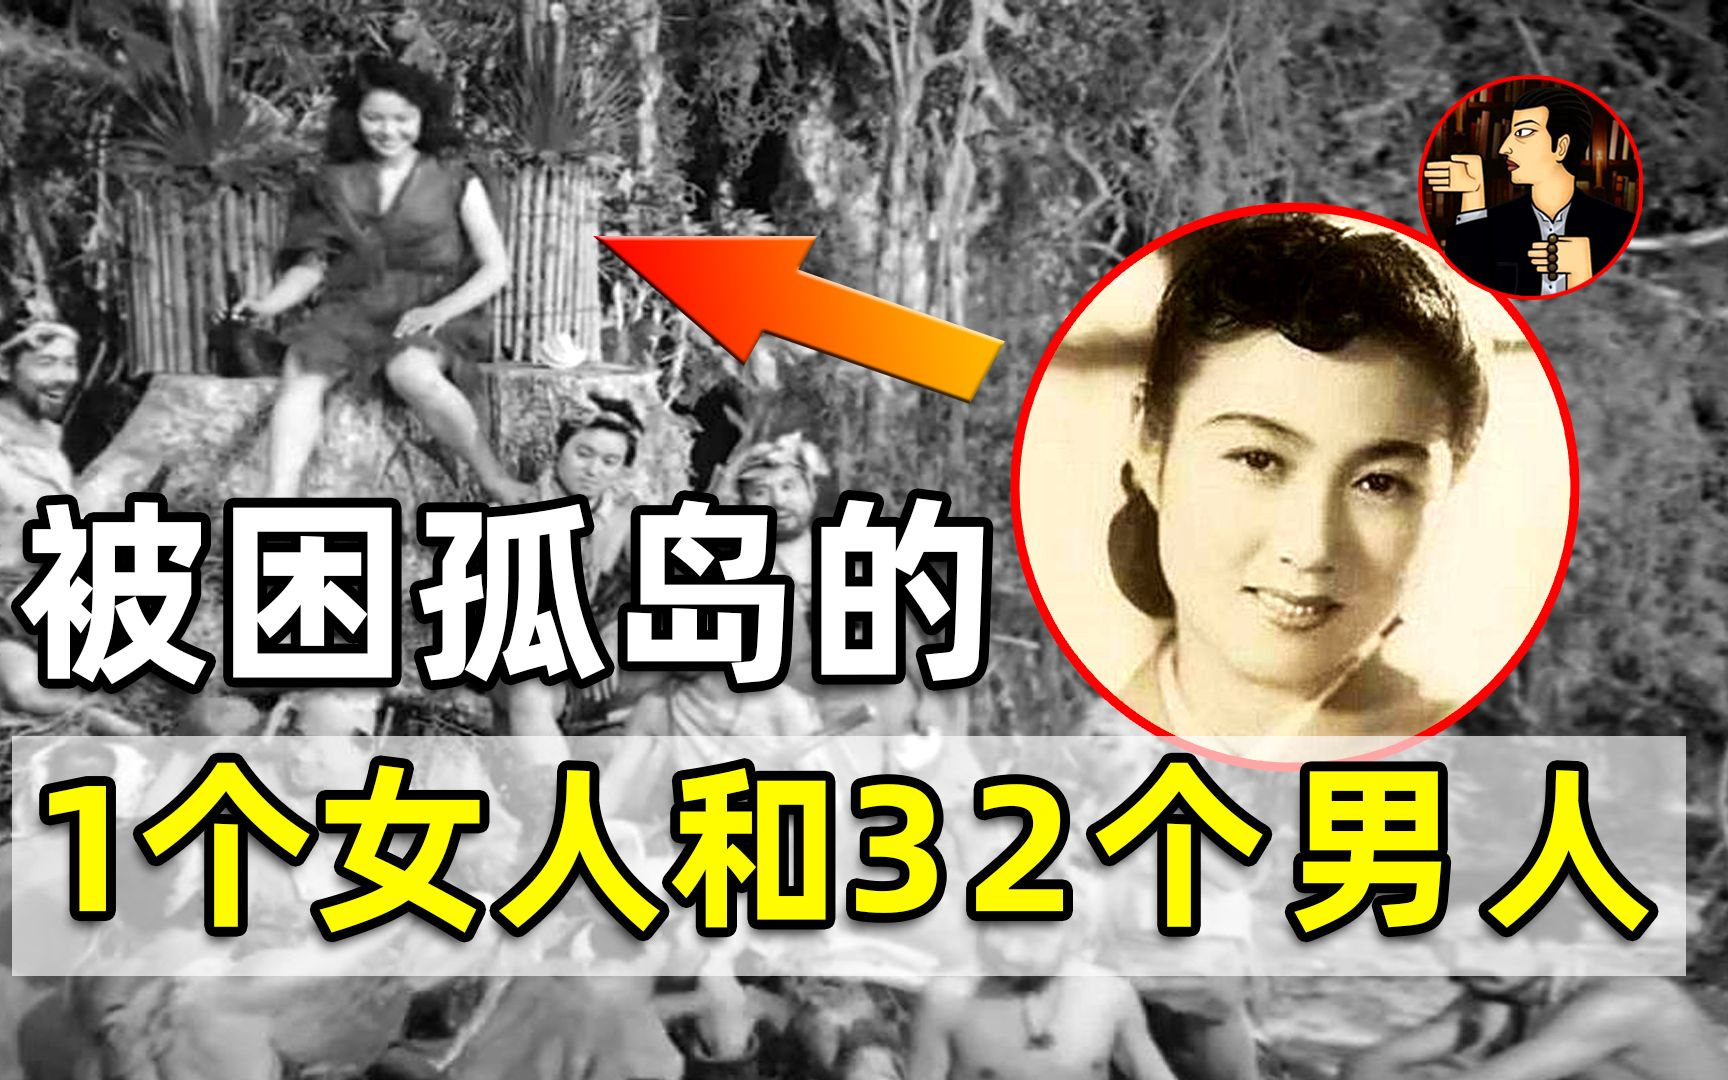 【真实事件】日本32男1女,被困孤岛长达6年,结局发人深思,安纳塔汉岛事件